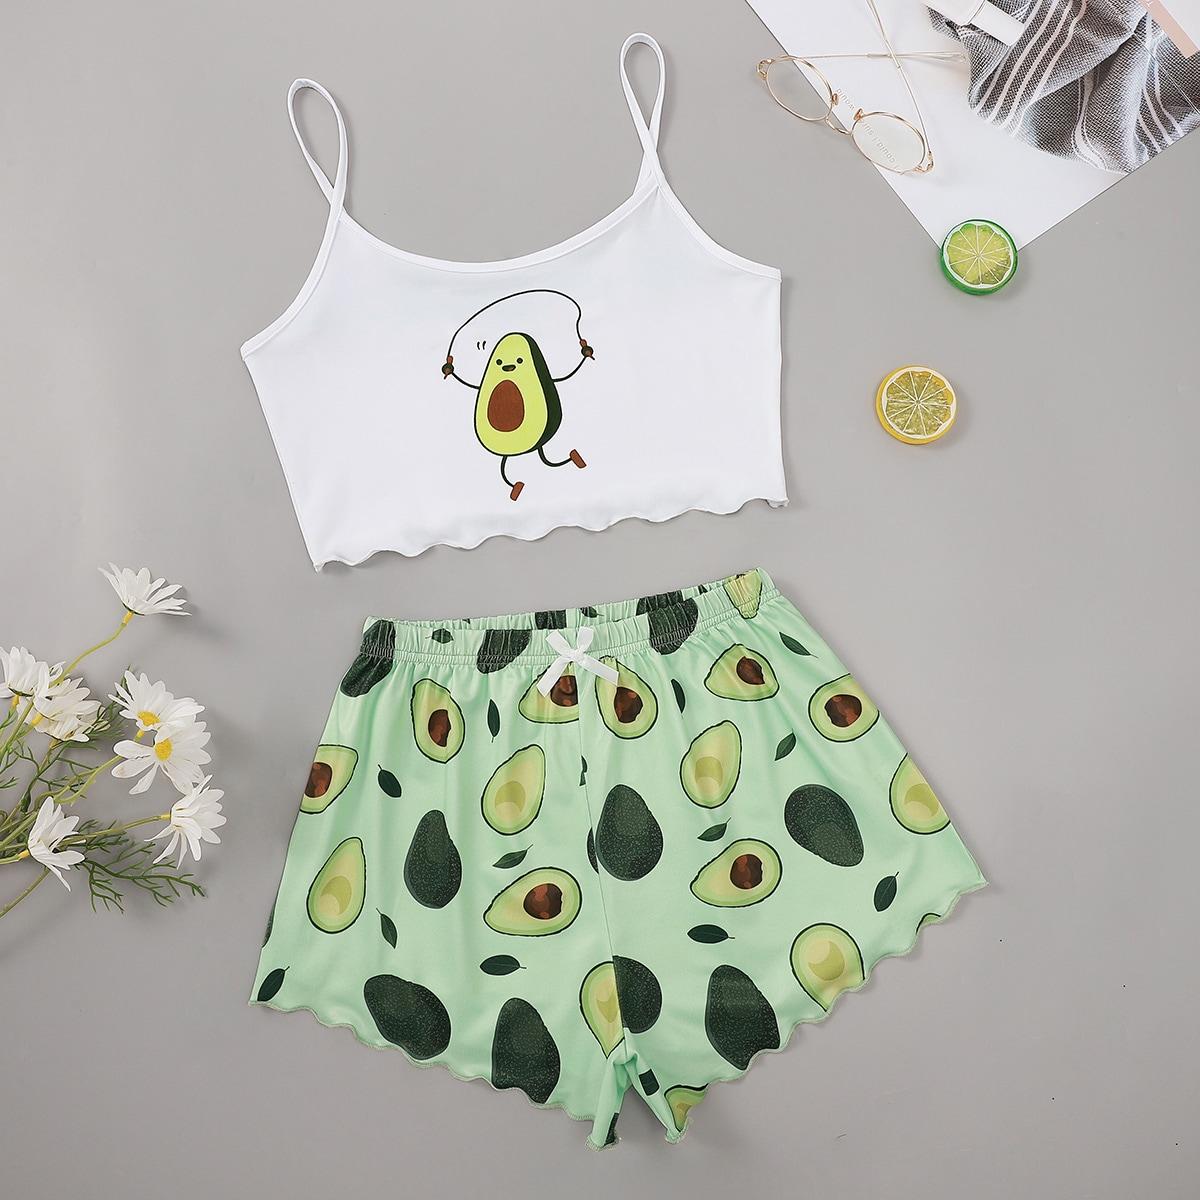 SHEIN / Cartoon Avocado Print Lettuce Trim Cami Pajama Set